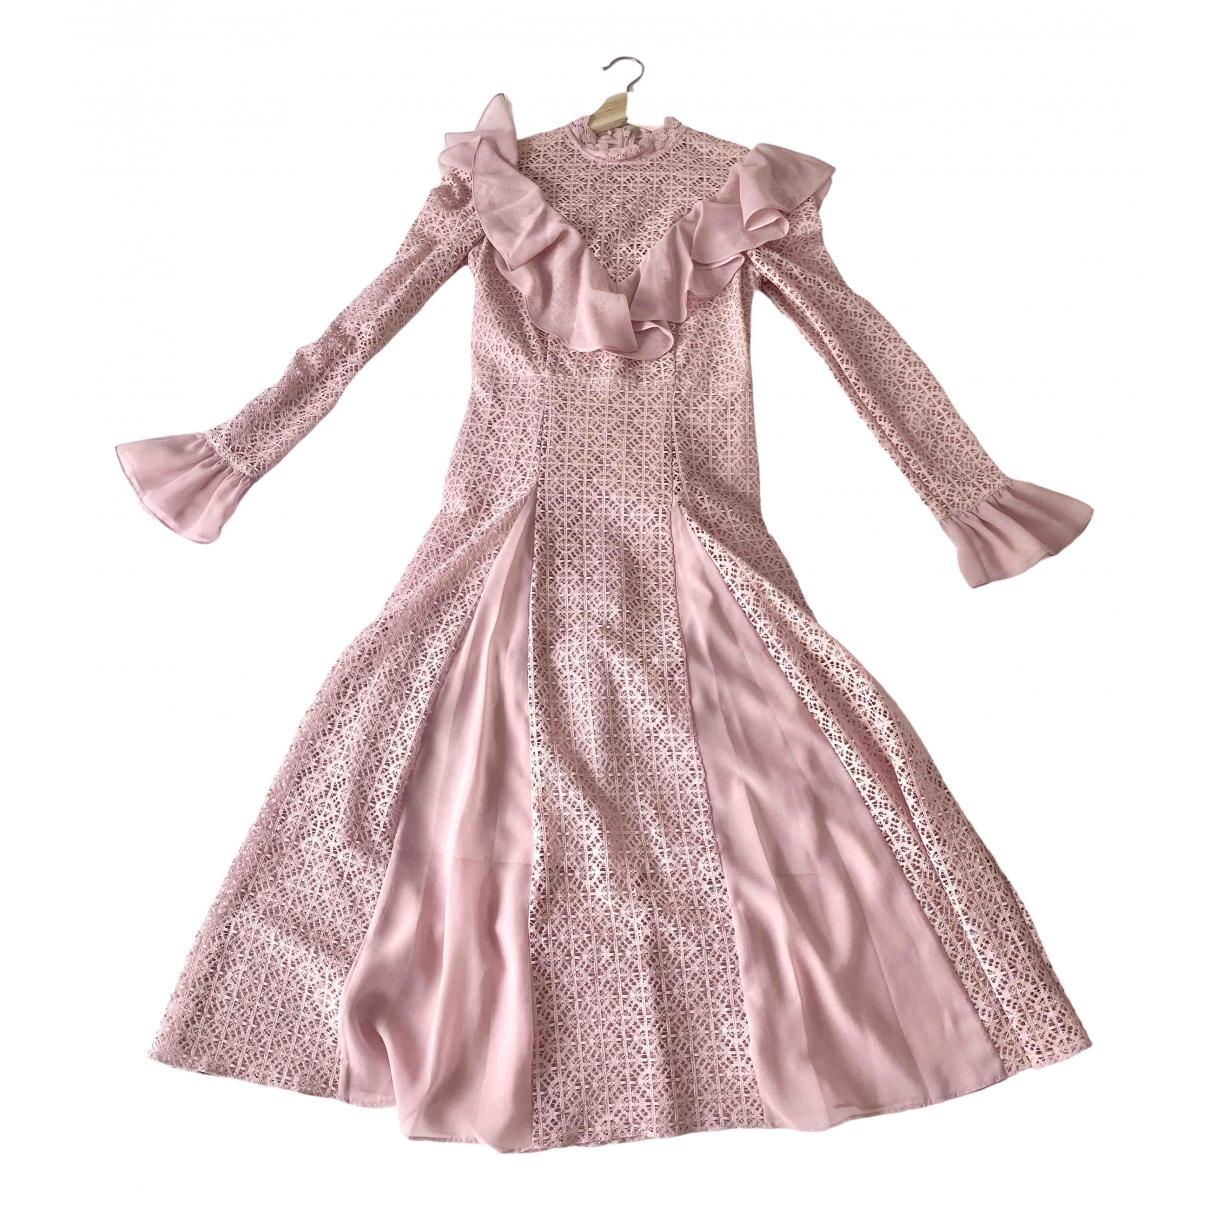 Temperley London - Robe   pour femme en dentelle - rose